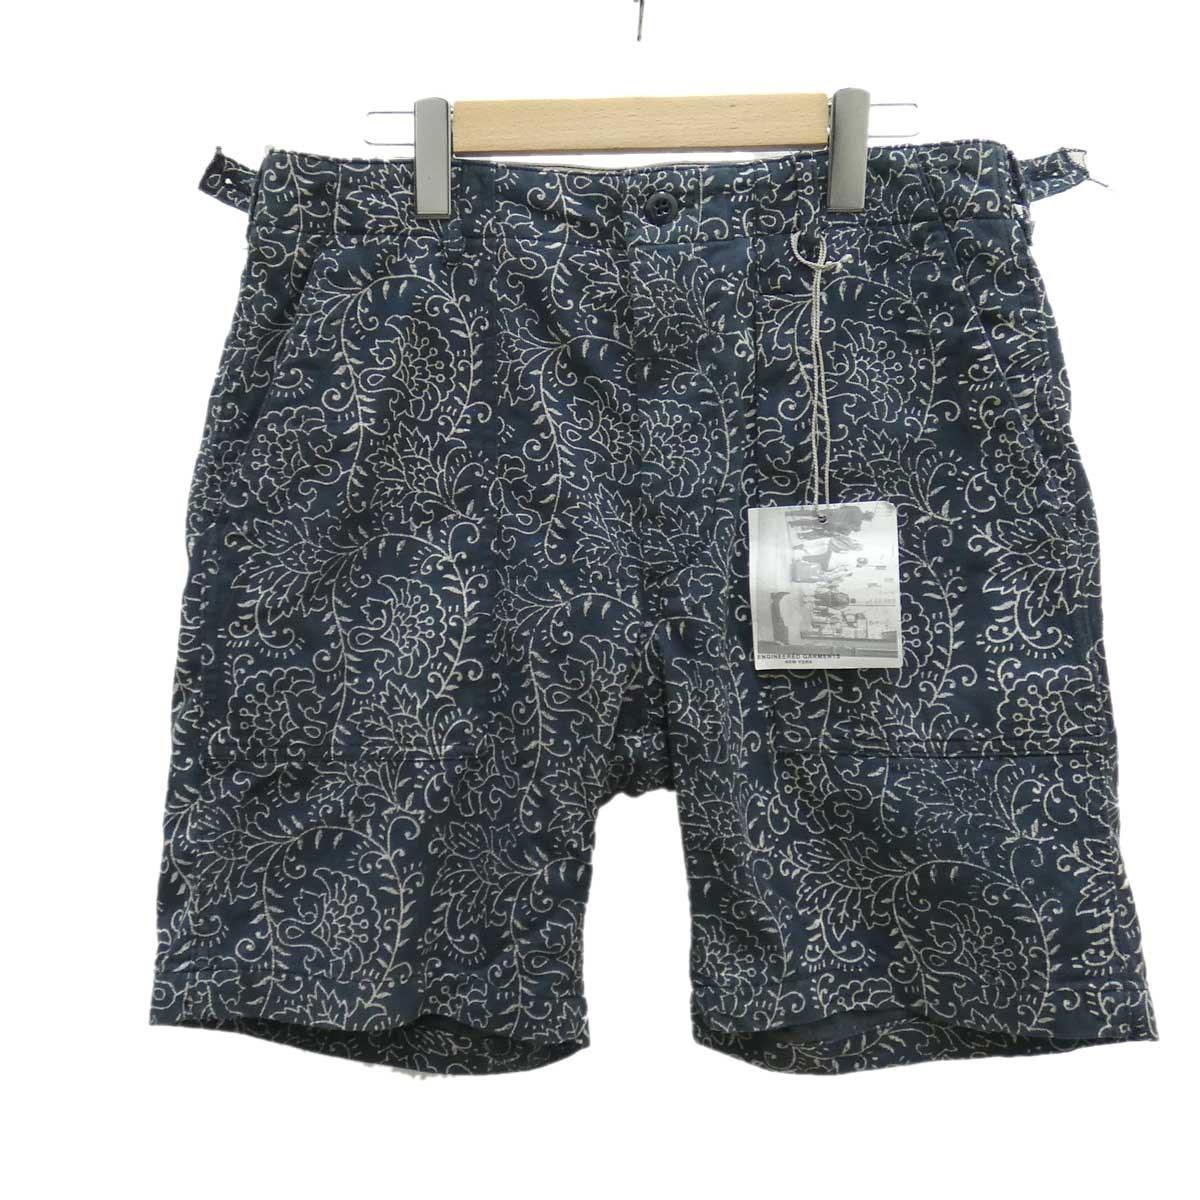 【中古】Engineered Garments 総柄ハーフパンツ ネイビー サイズ:32 【150520】(エンジニアードガーメンツ)